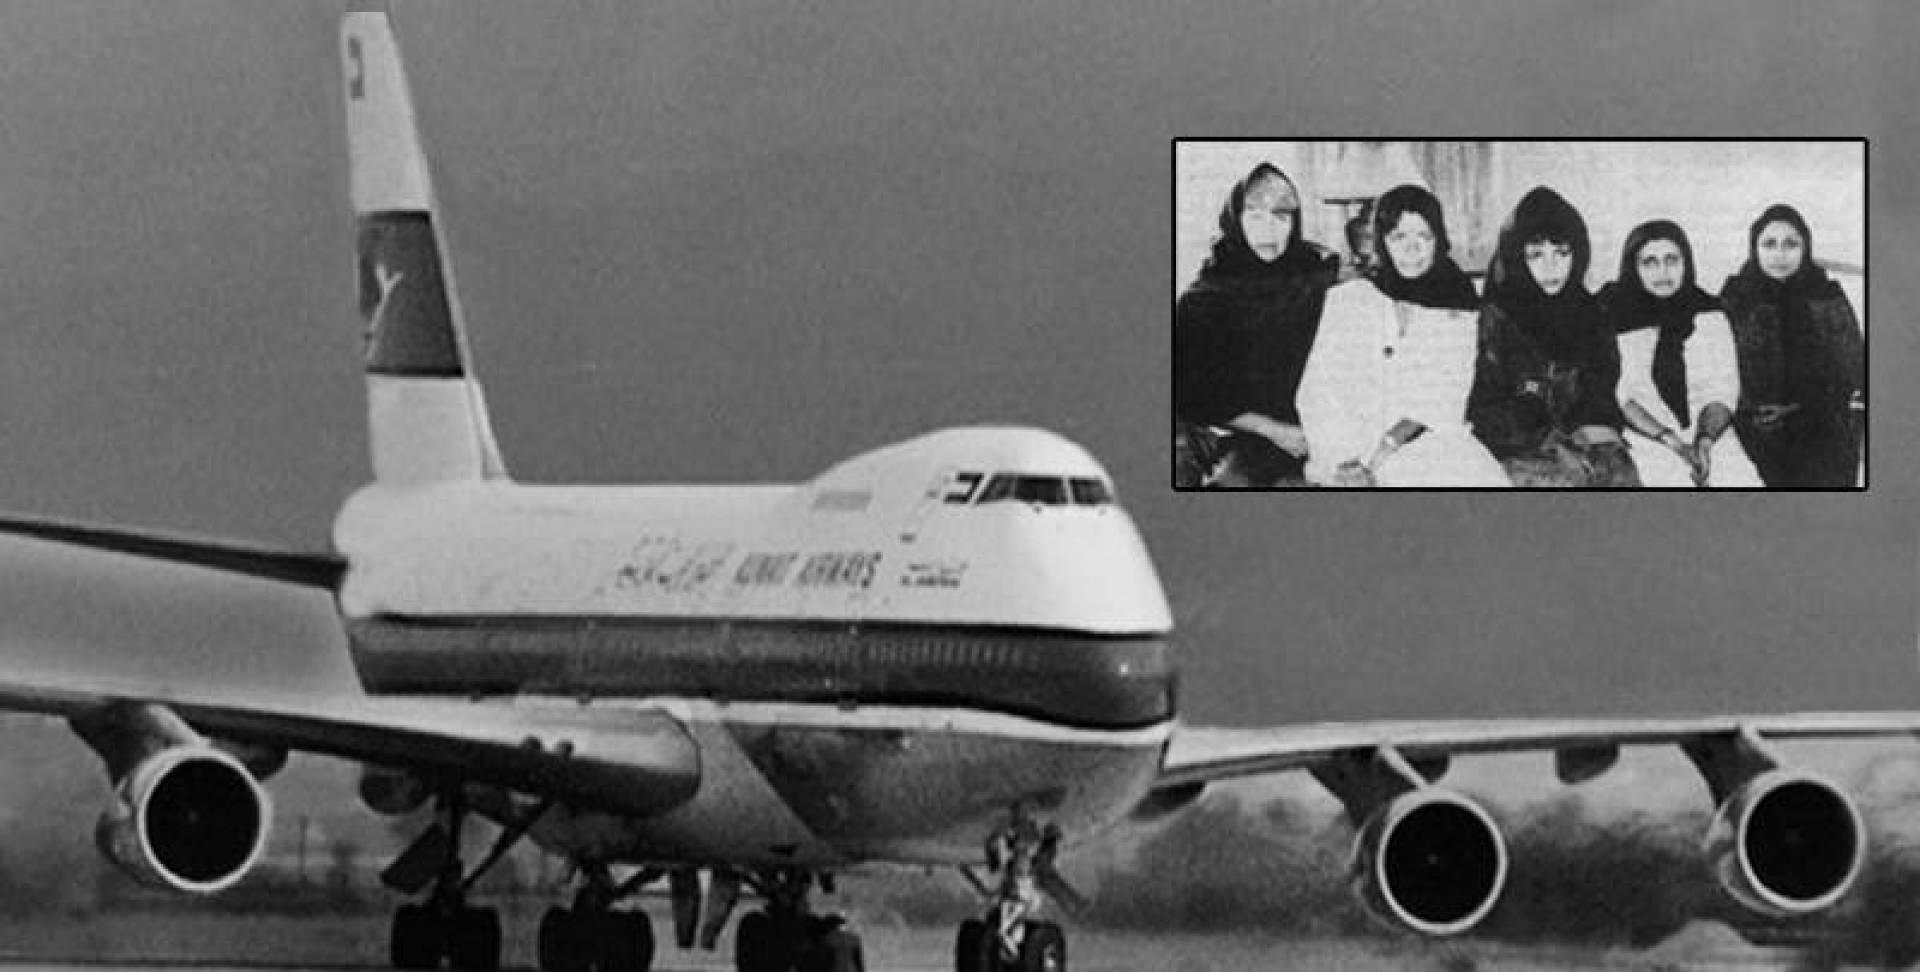 طائرة الجابرية المختطفة.. وفي الإطار مجموعة من النساء أطلق الخاطفون سراحهن بأحد الفنادق بعد إلبساهن أغطية للرؤوس